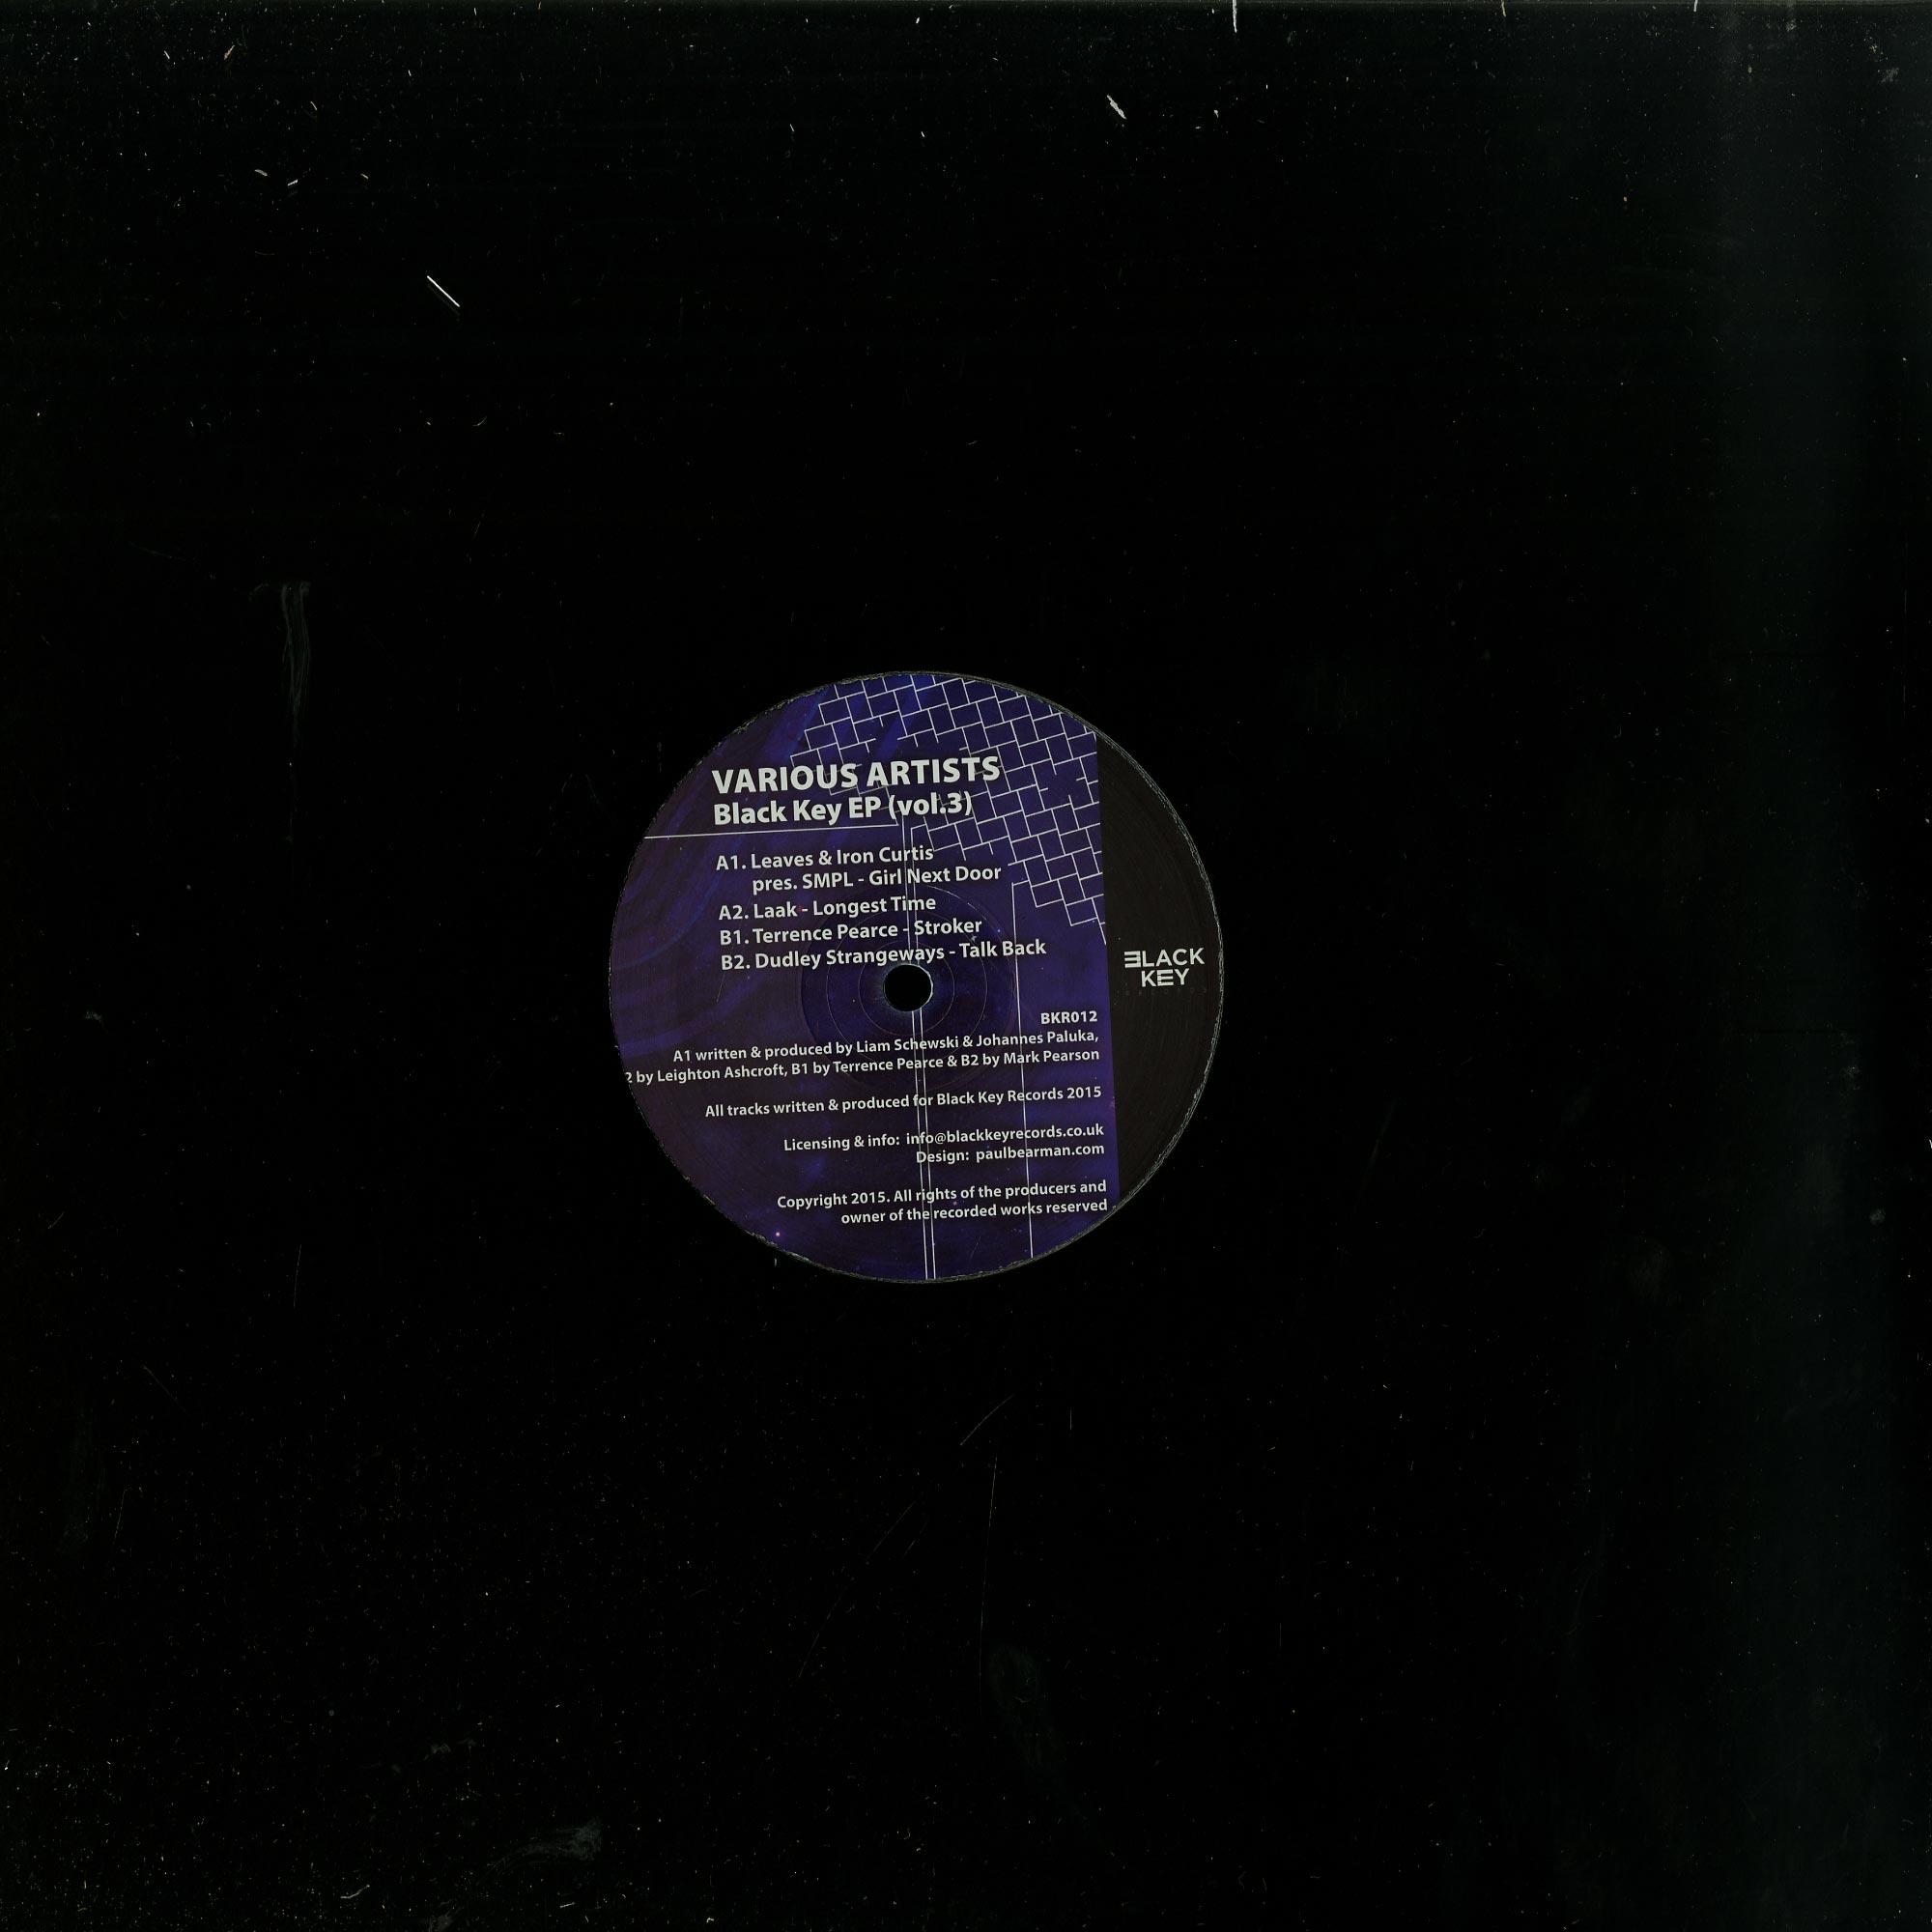 Iron Curtis /leaves/ Laak/ Terrence Pearce/ Dudley Strangeways - BLACK KEY EP VOL.3